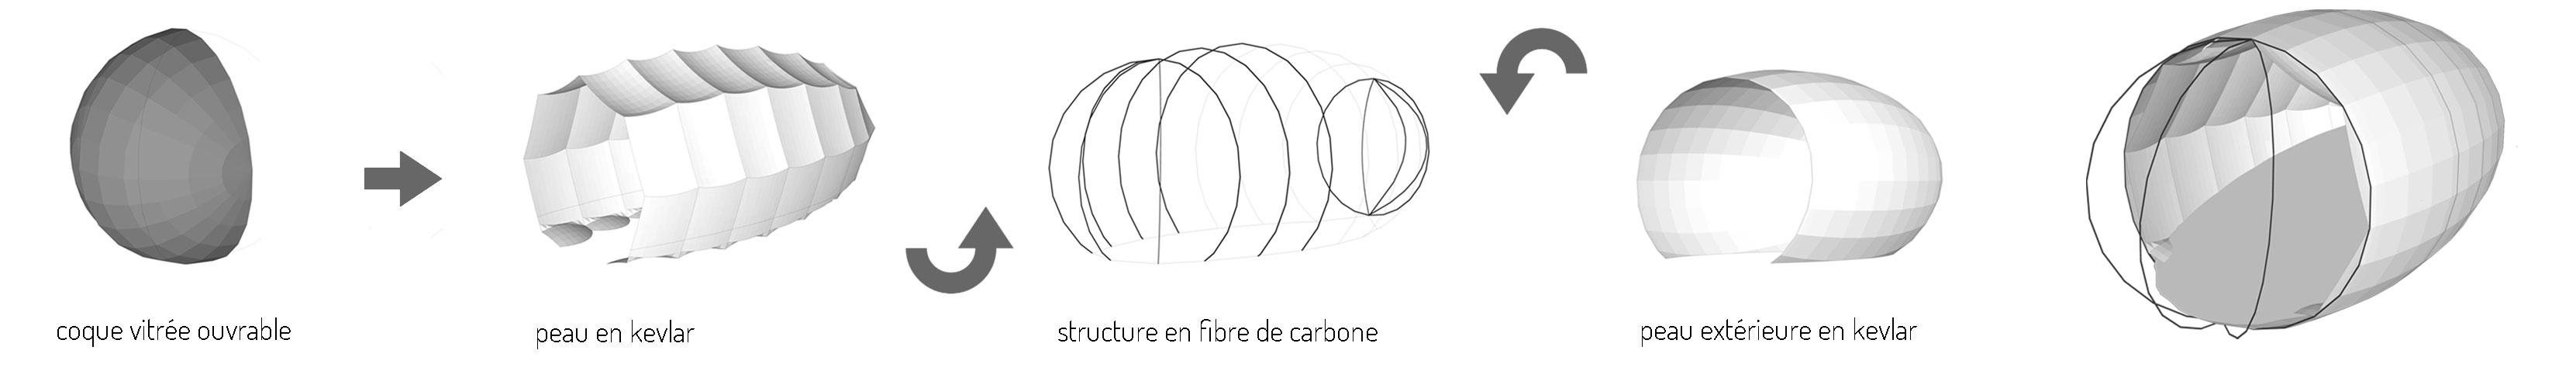 Axonométrie de la structure des cocons, ossature en fibre de carbone et double épaisseur de kevlar pour assurer une bonne isolation thermique des modules.